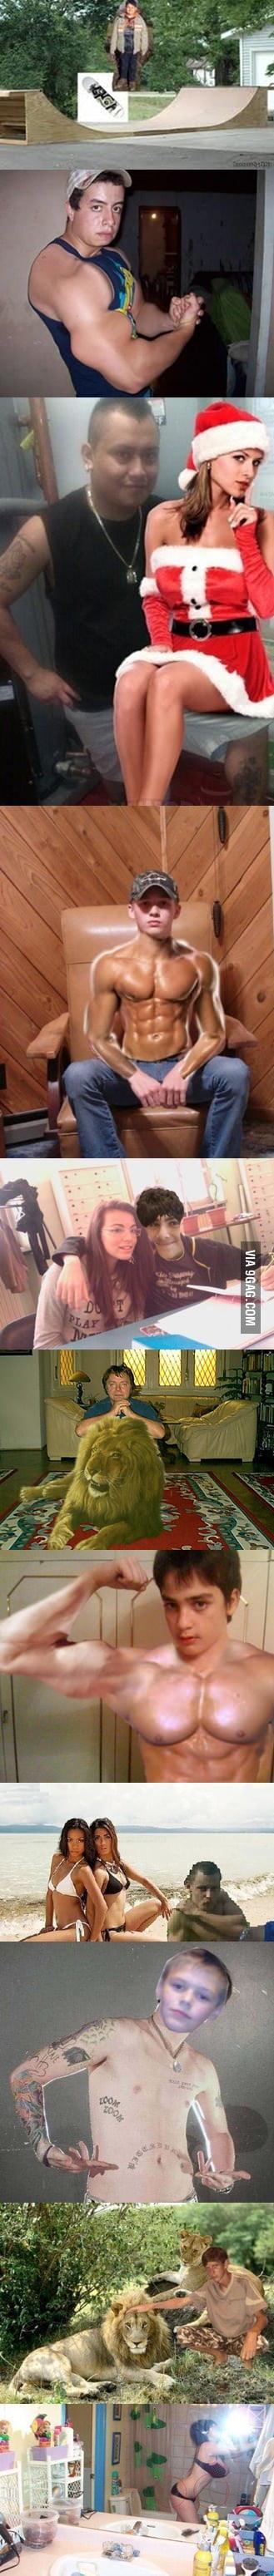 Photoshop masters